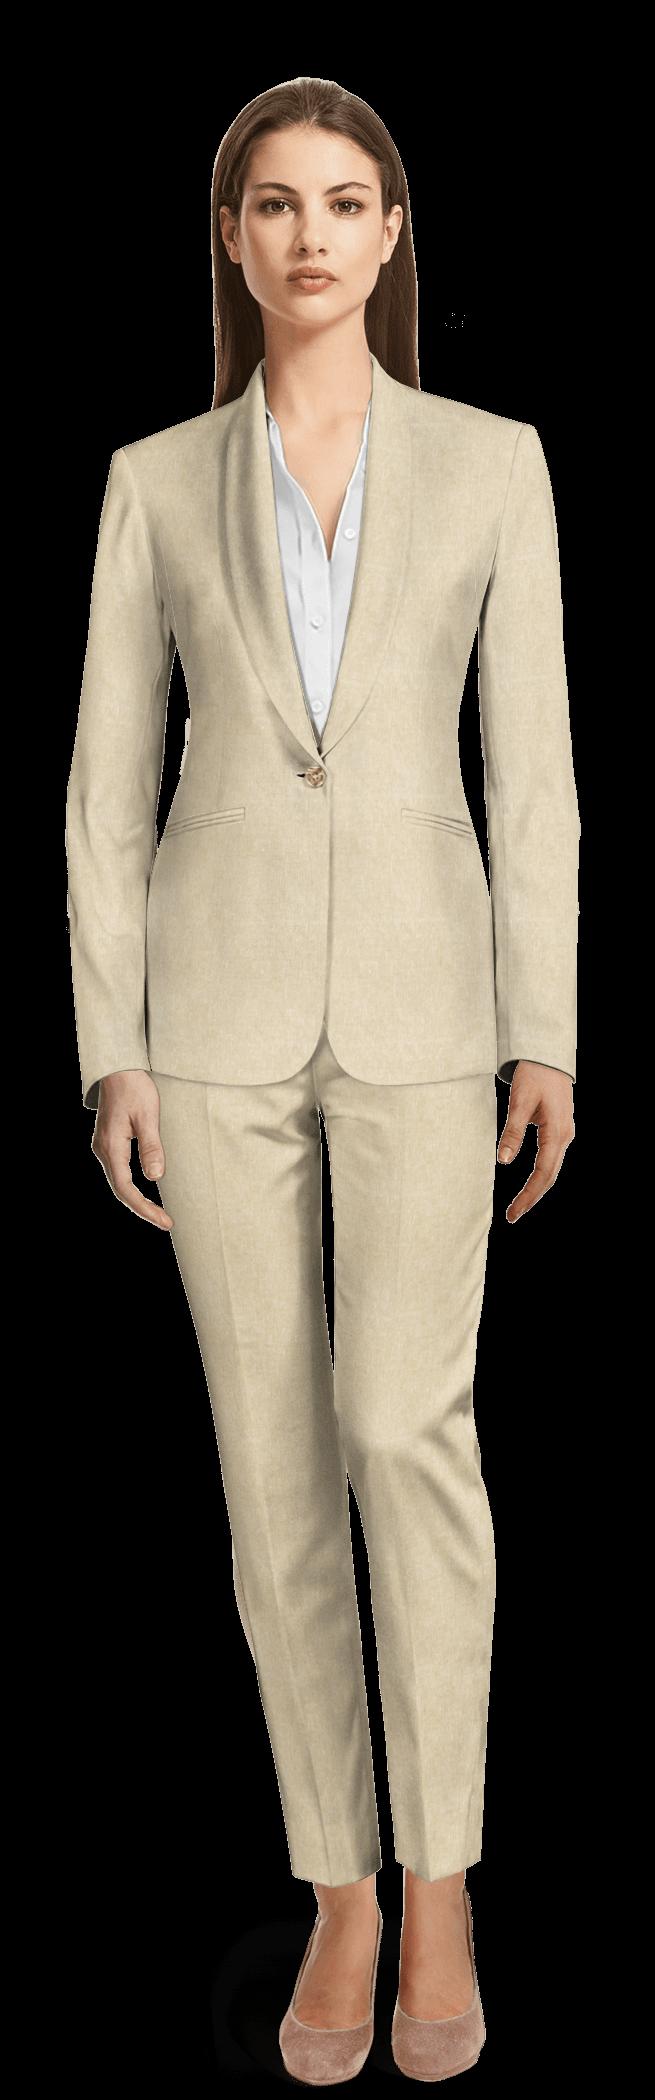 Favori Abbigliamento su misura da donna | Tailleur, camicie e gonne  PB33